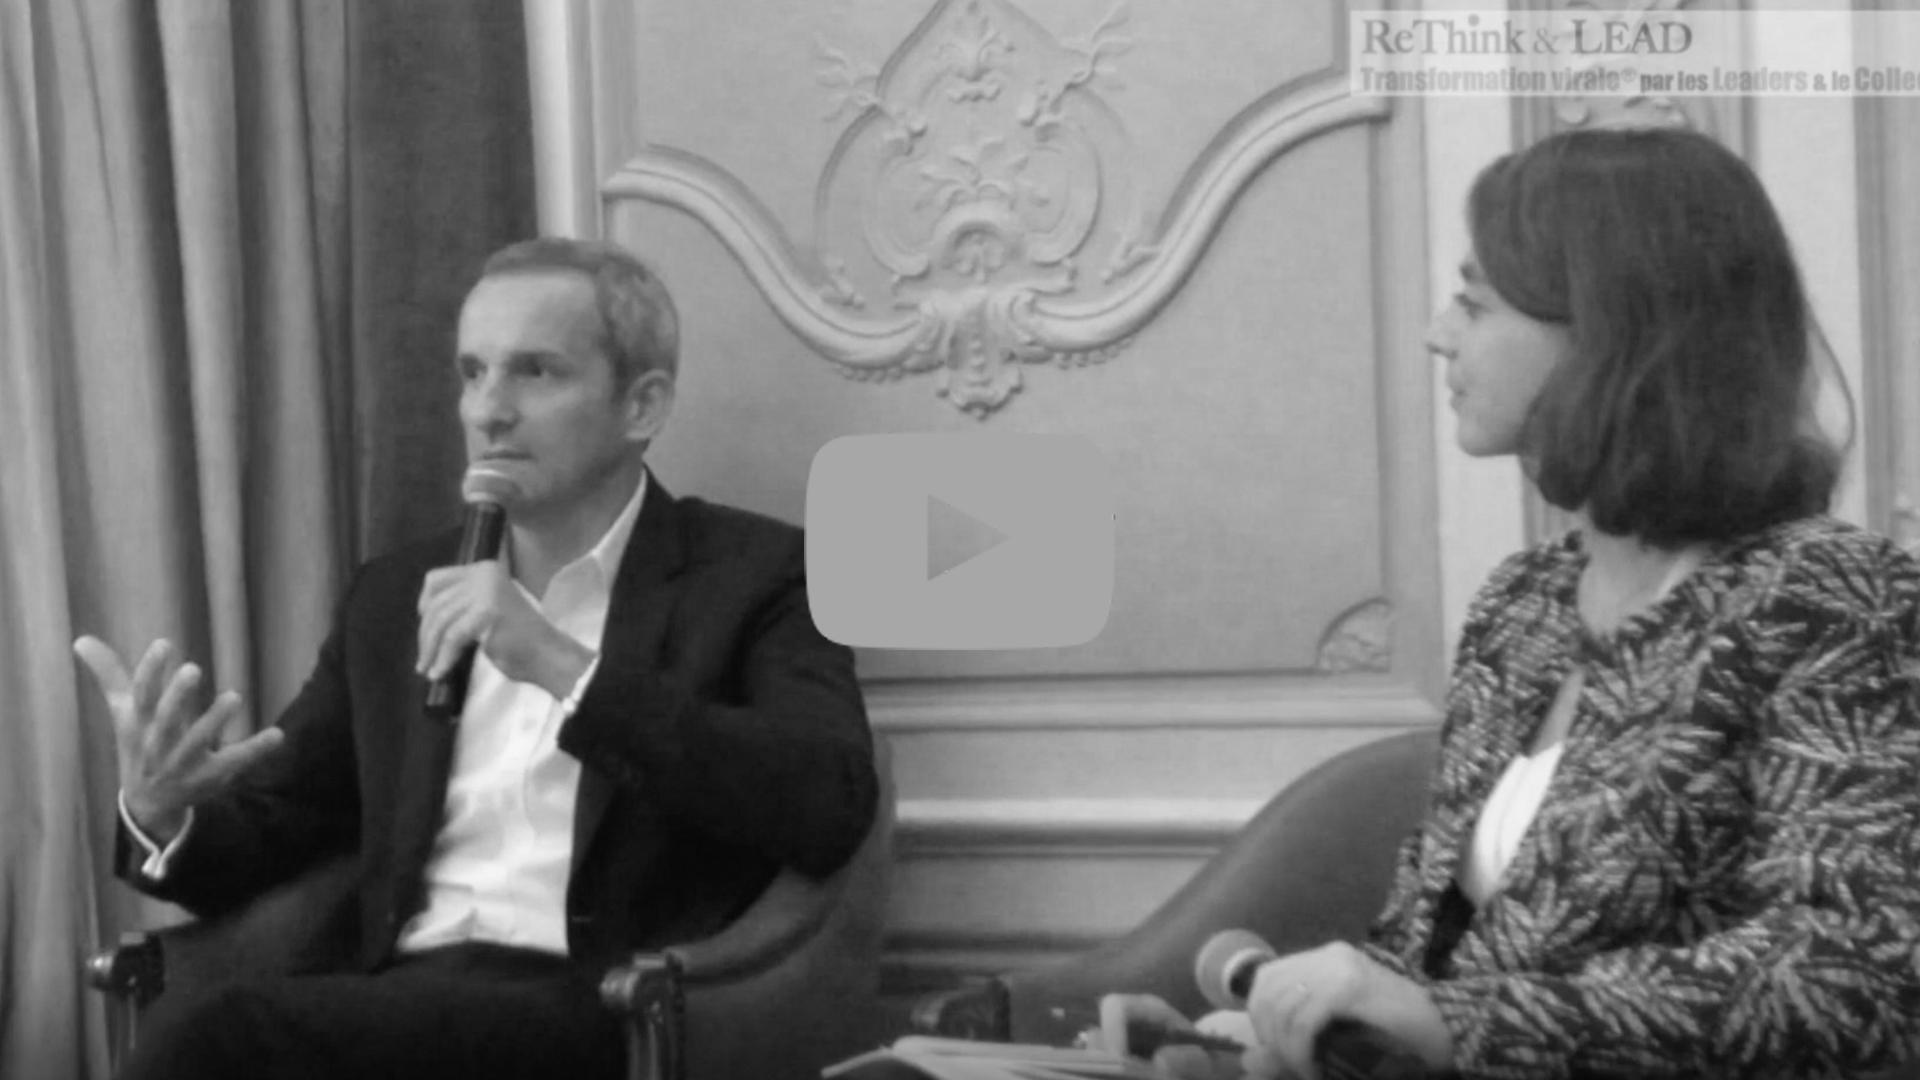 Forum ReThink & LEAD - Intervention de Pascal Demurger